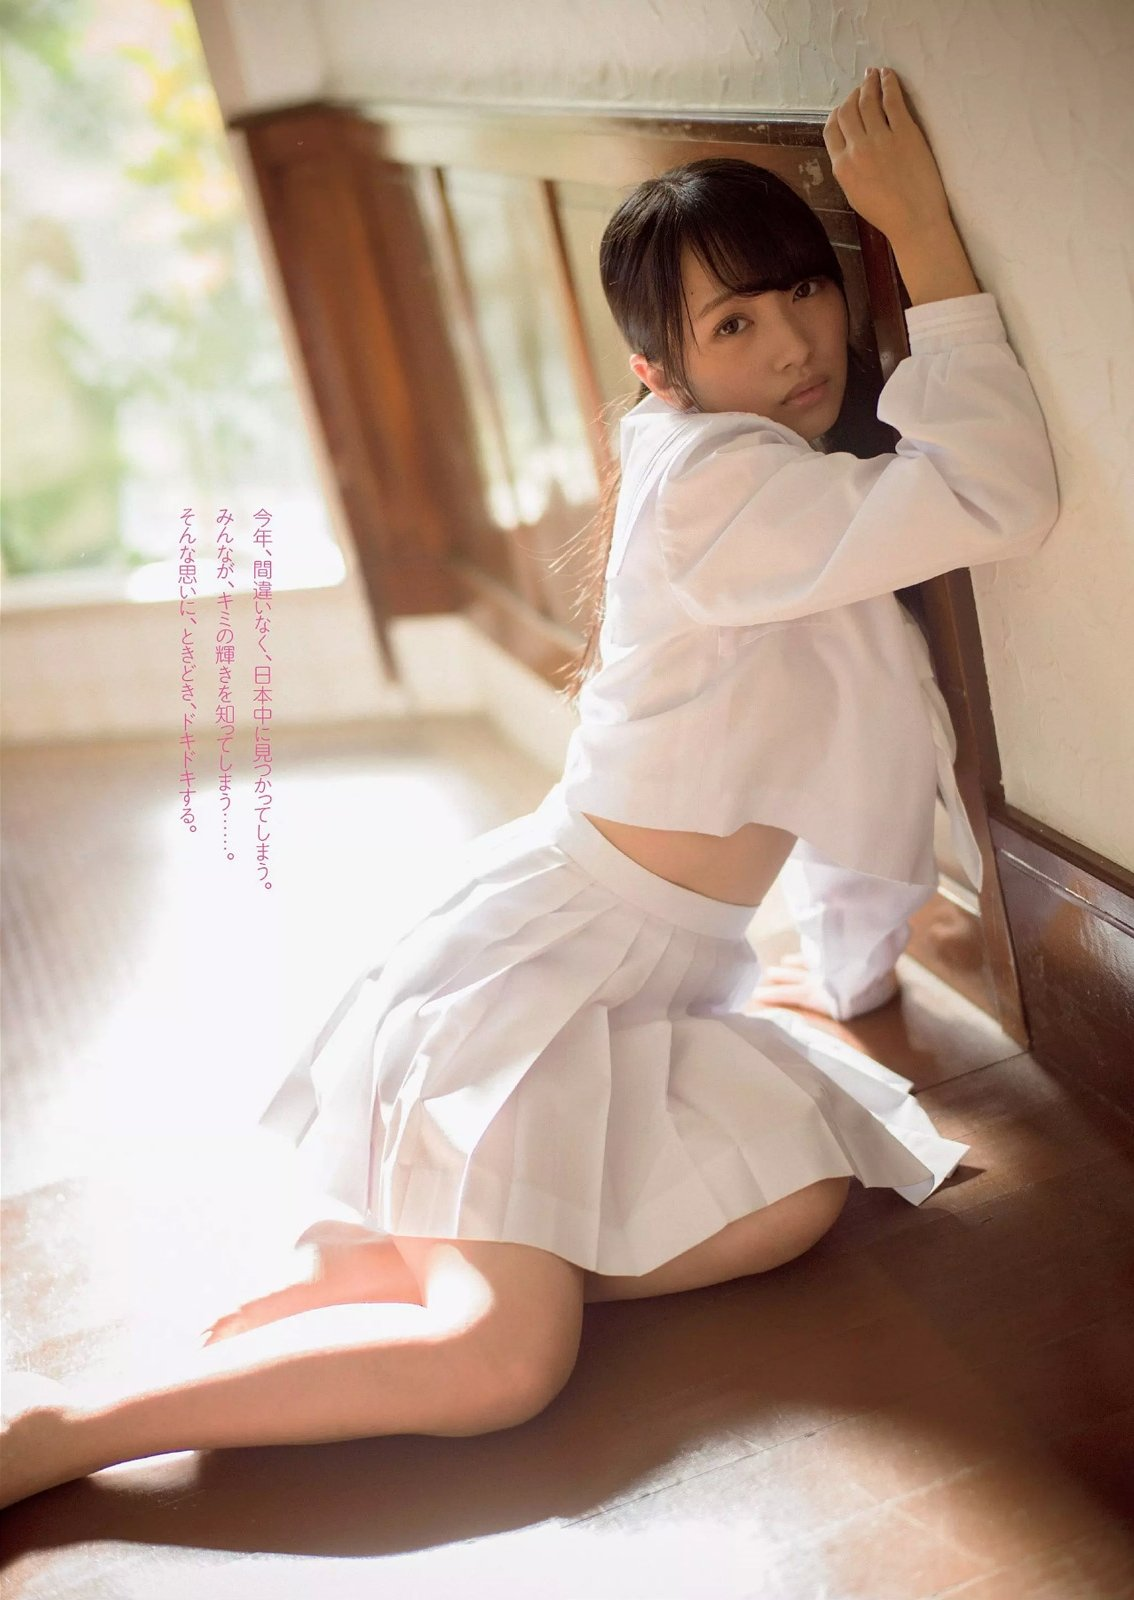 「週刊プレイボーイ 2015 No.5」向井地美音のグラビア